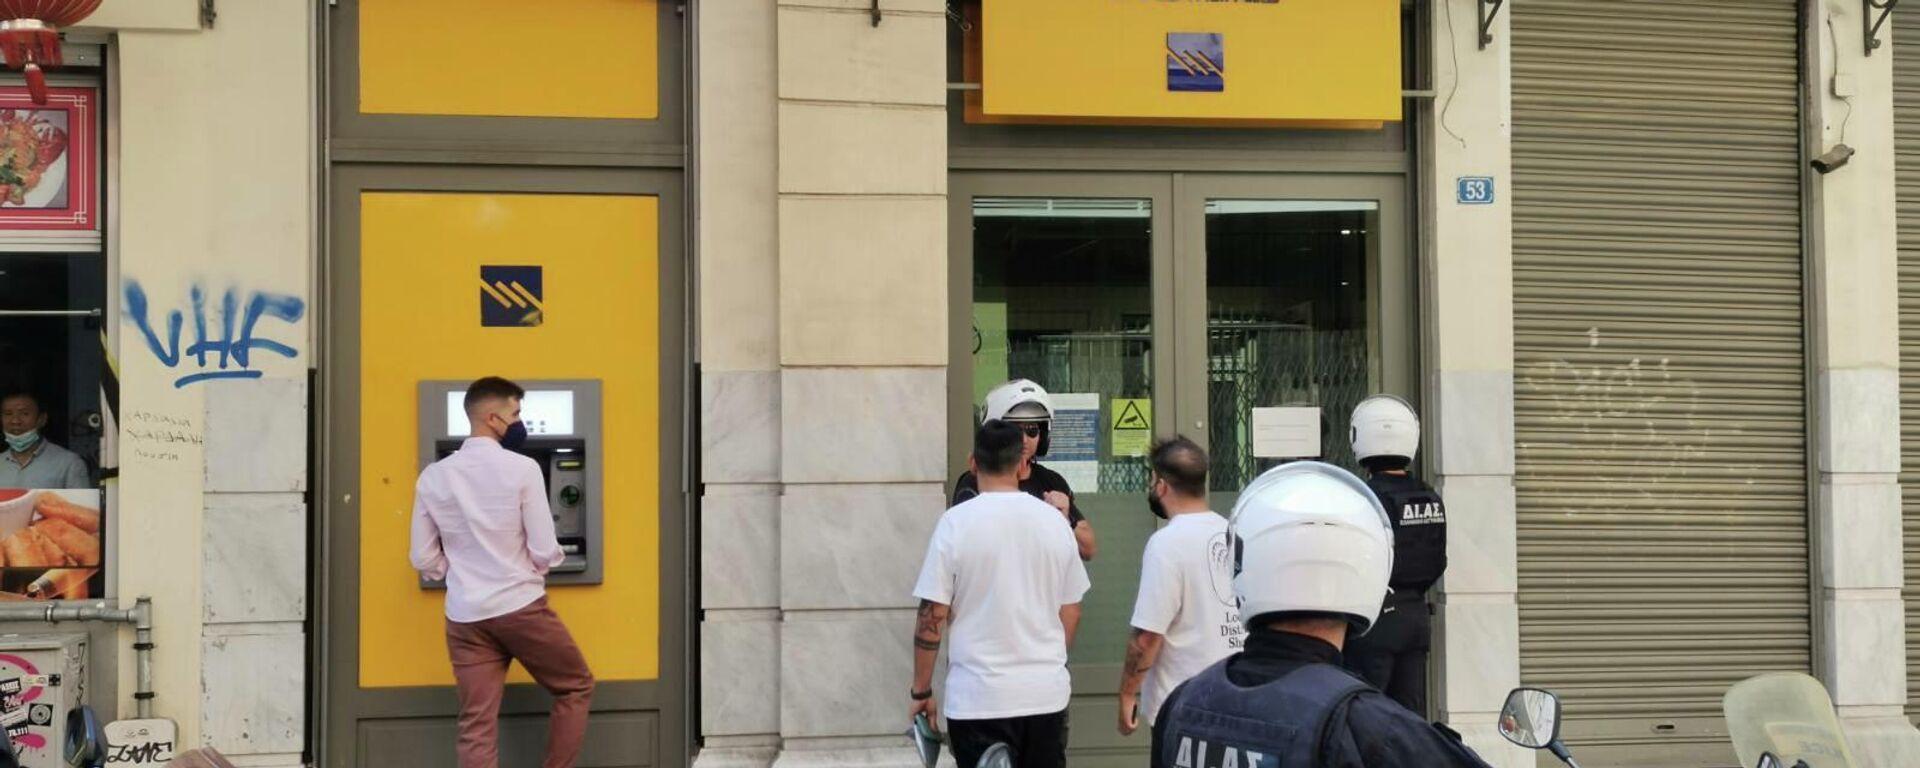 Ληστεία σε τράπεζα στην Μητροπόλεως - Sputnik Ελλάδα, 1920, 14.09.2021